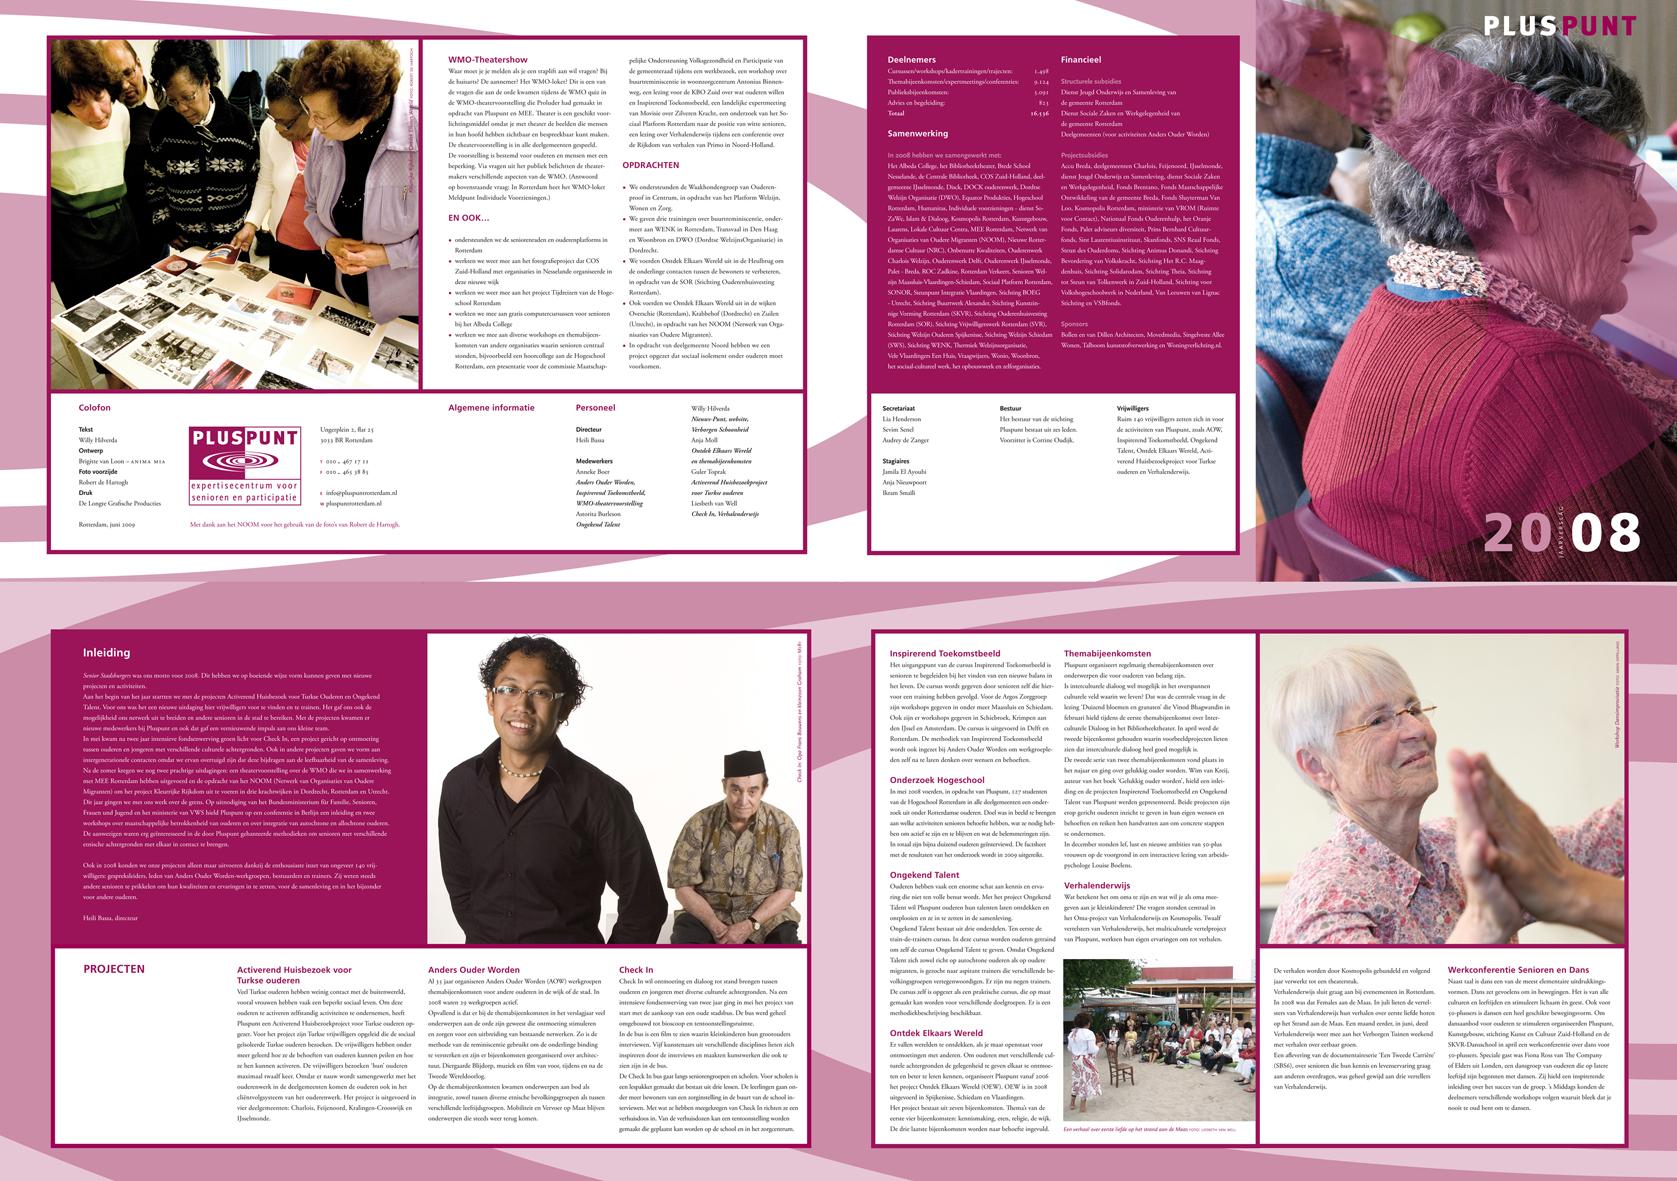 DEFA3 jaarverslag PlusPunt2008.indd